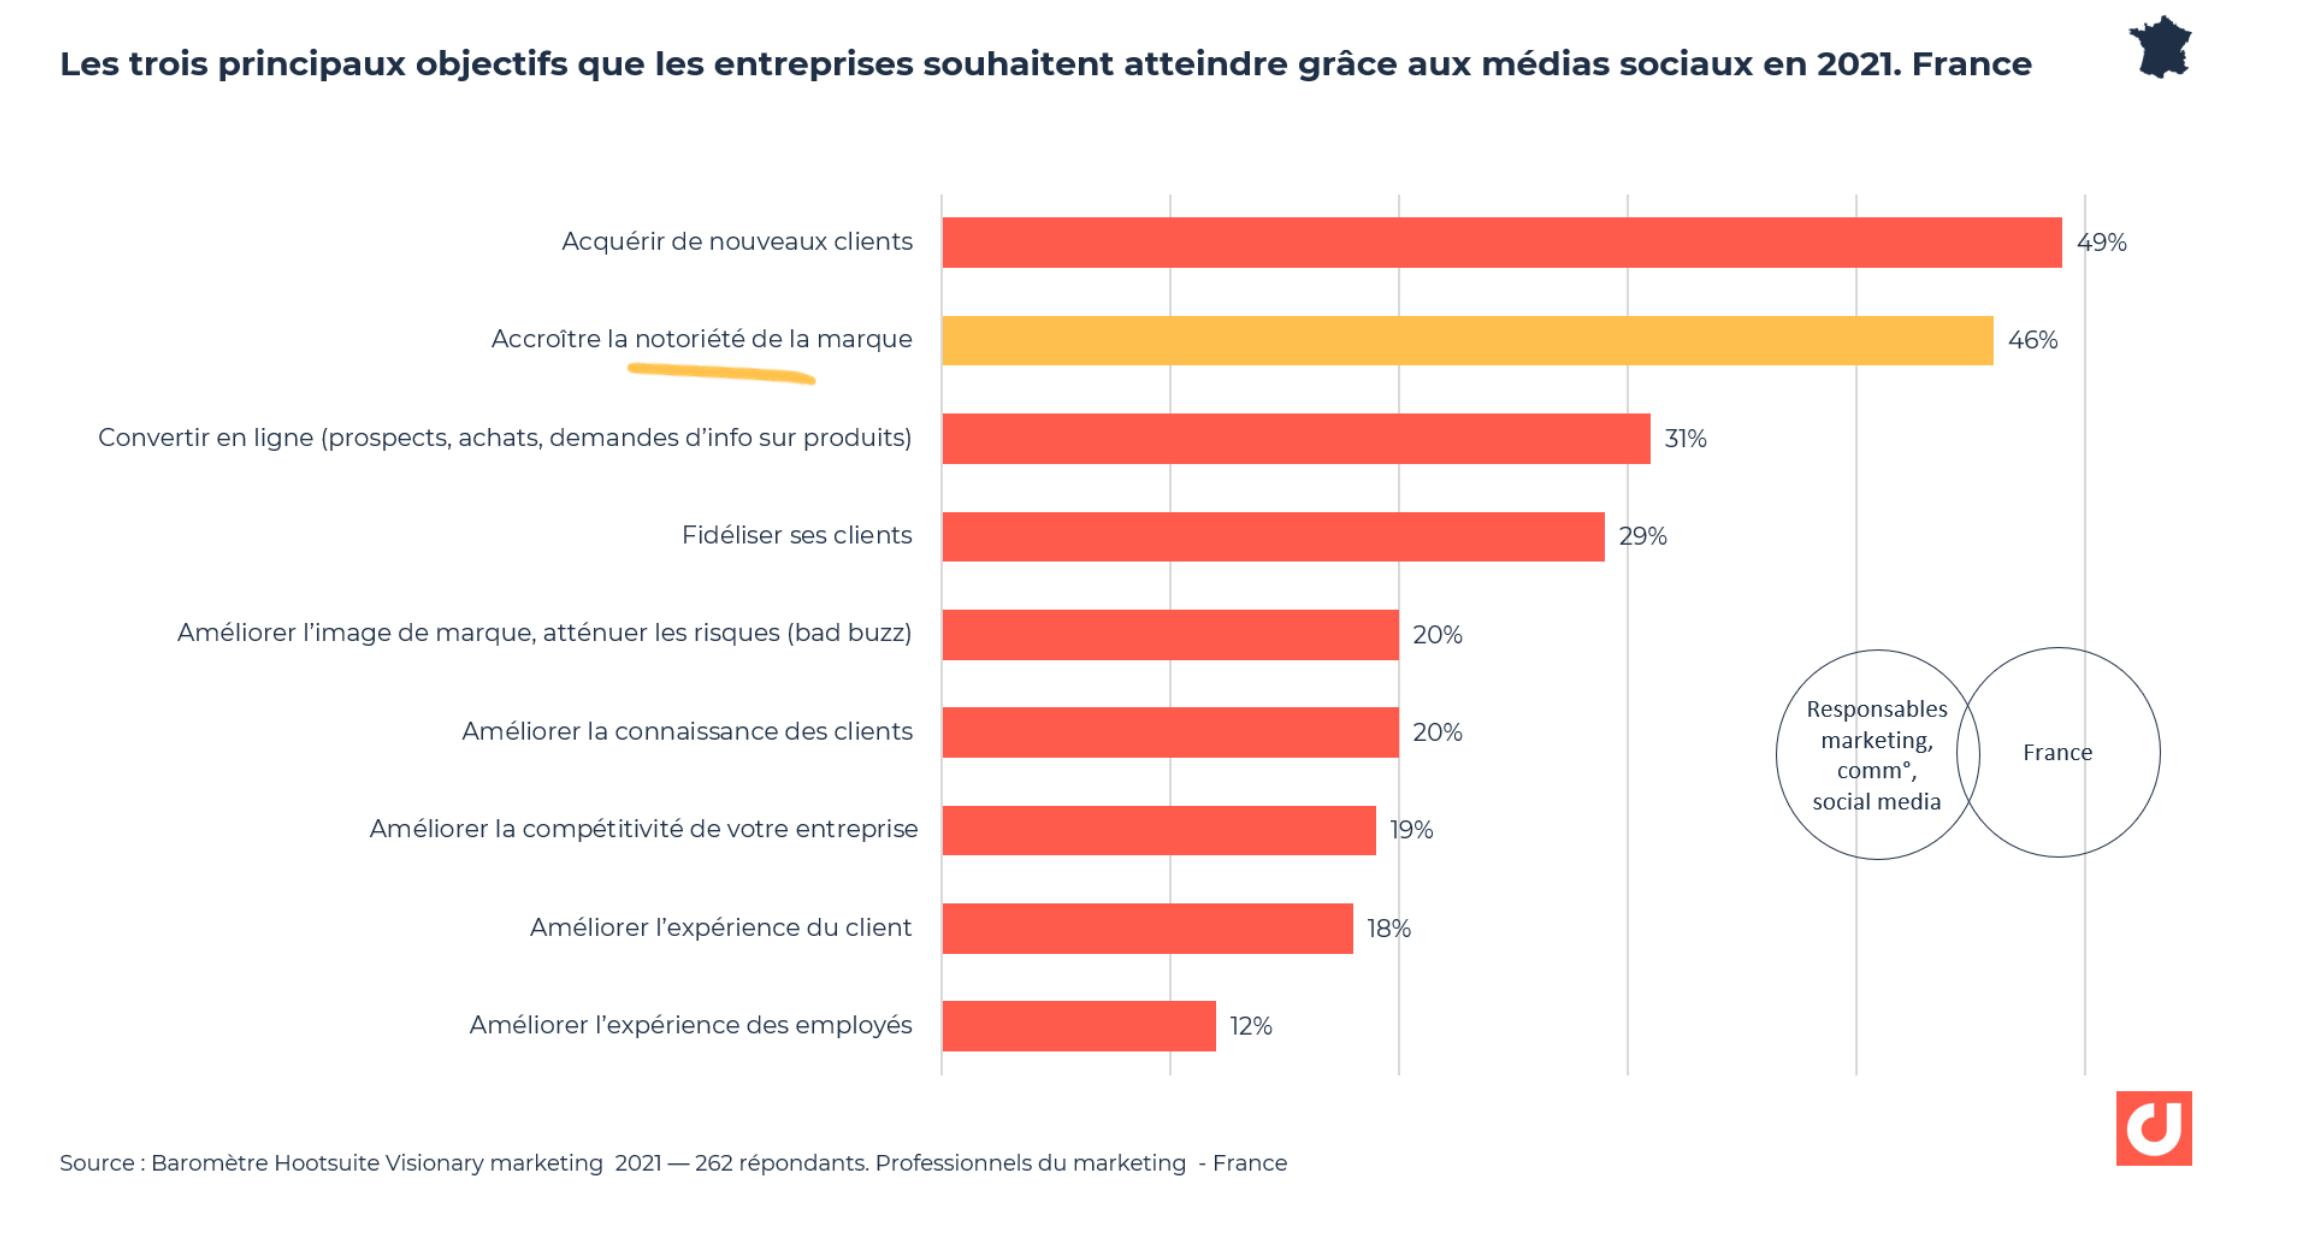 Les principaux objectifs que les entreprises souhaitent atteindre grâce aux médias sociaux en 2021. France